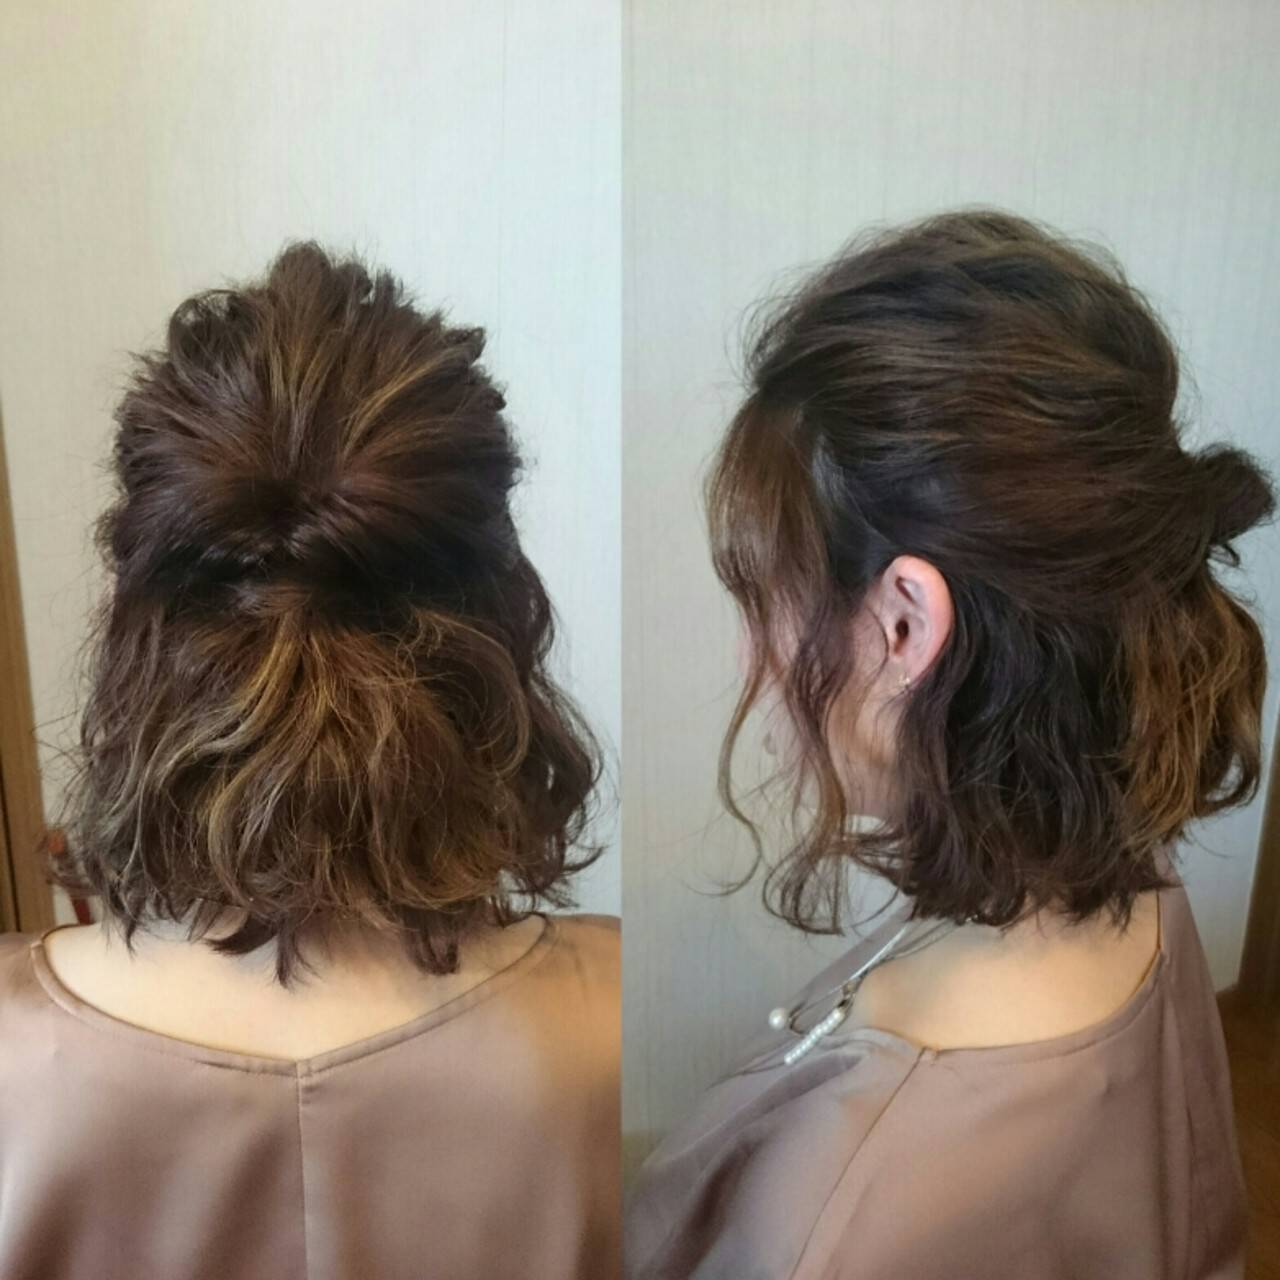 ハーフアップ ボブ ハイライト ショートヘアスタイルや髪型の写真・画像